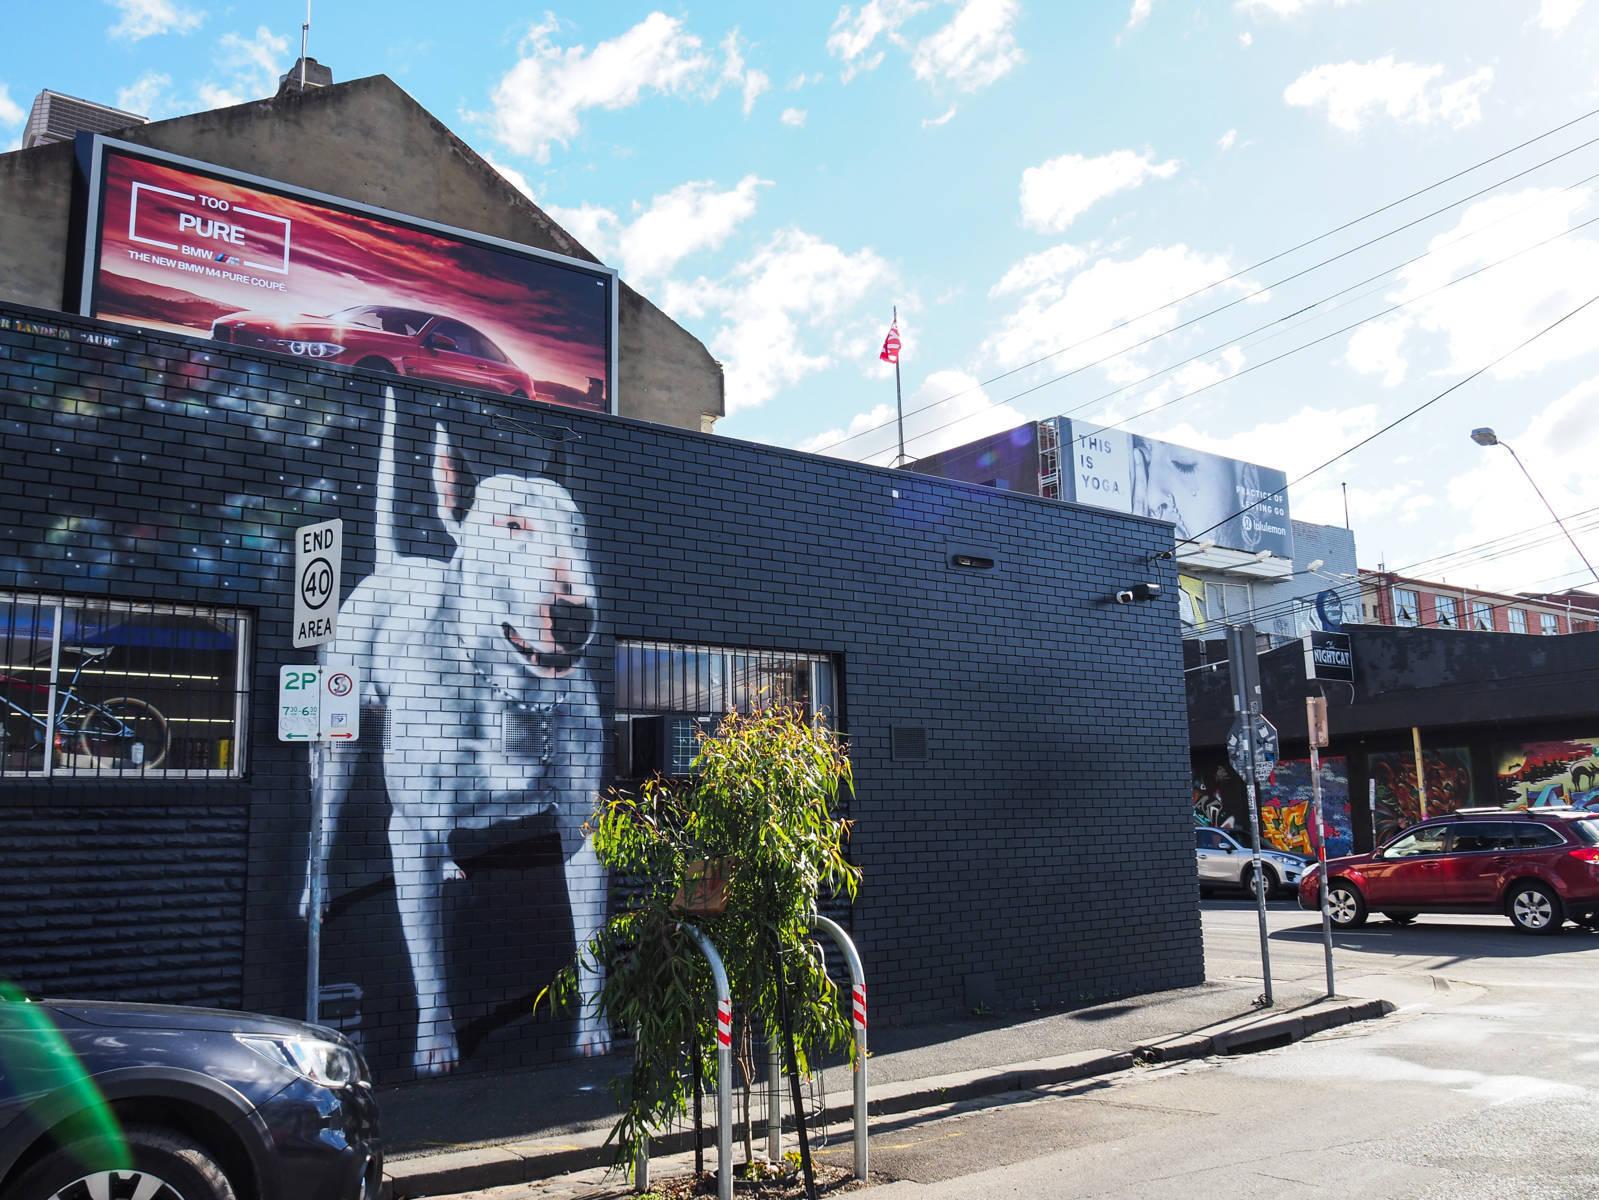 Melbourne tag dog